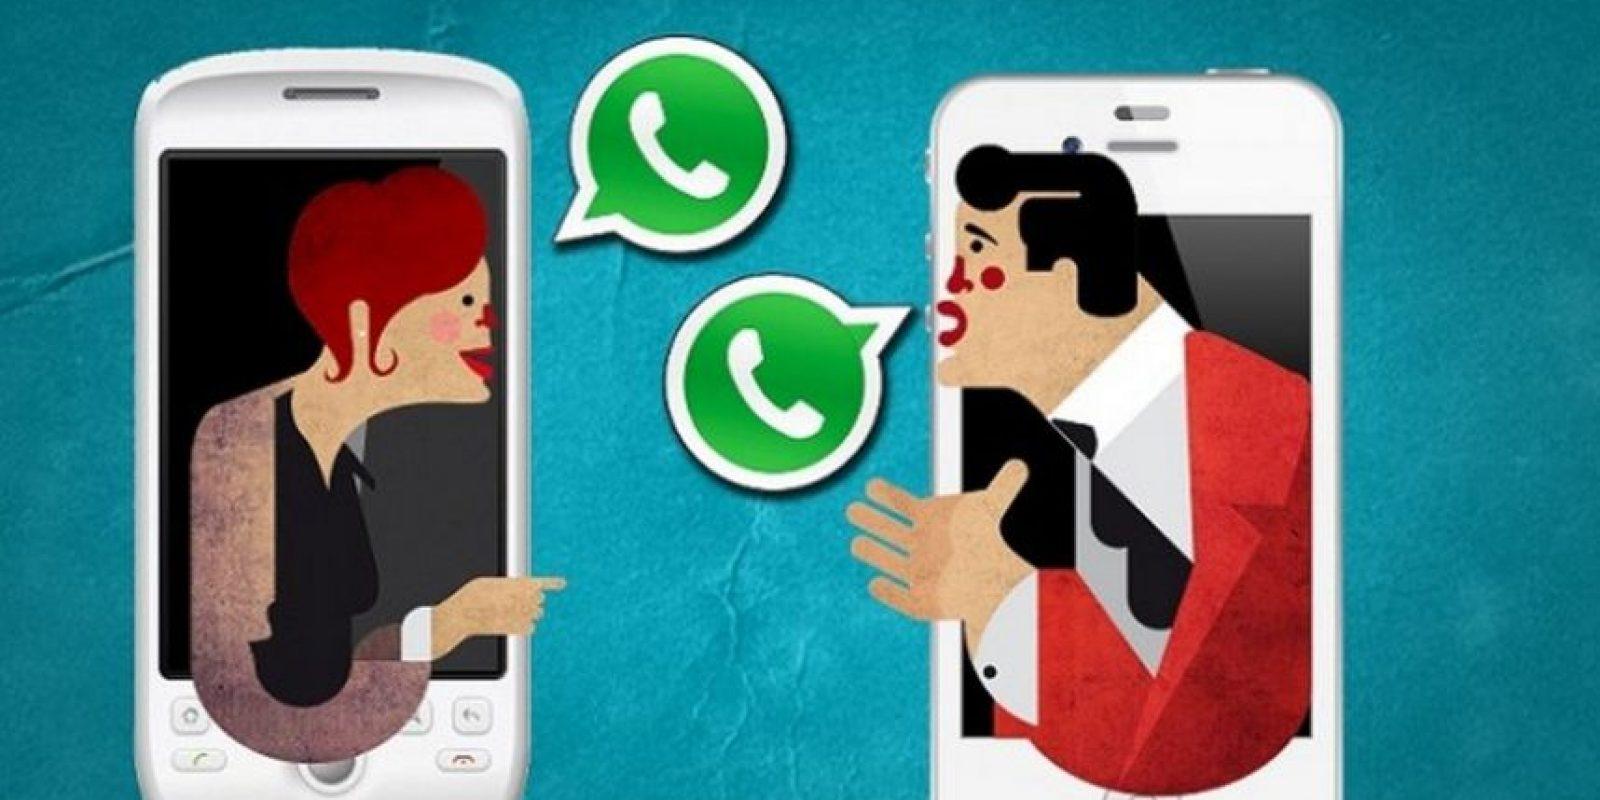 A pesar de la seguridad de WhatsApp, se recomienda no hacerlo debido a que alguien podría hacer mal uso de sus datos, hackearlos, robar su información o estafarlos. Foto:Tumblr